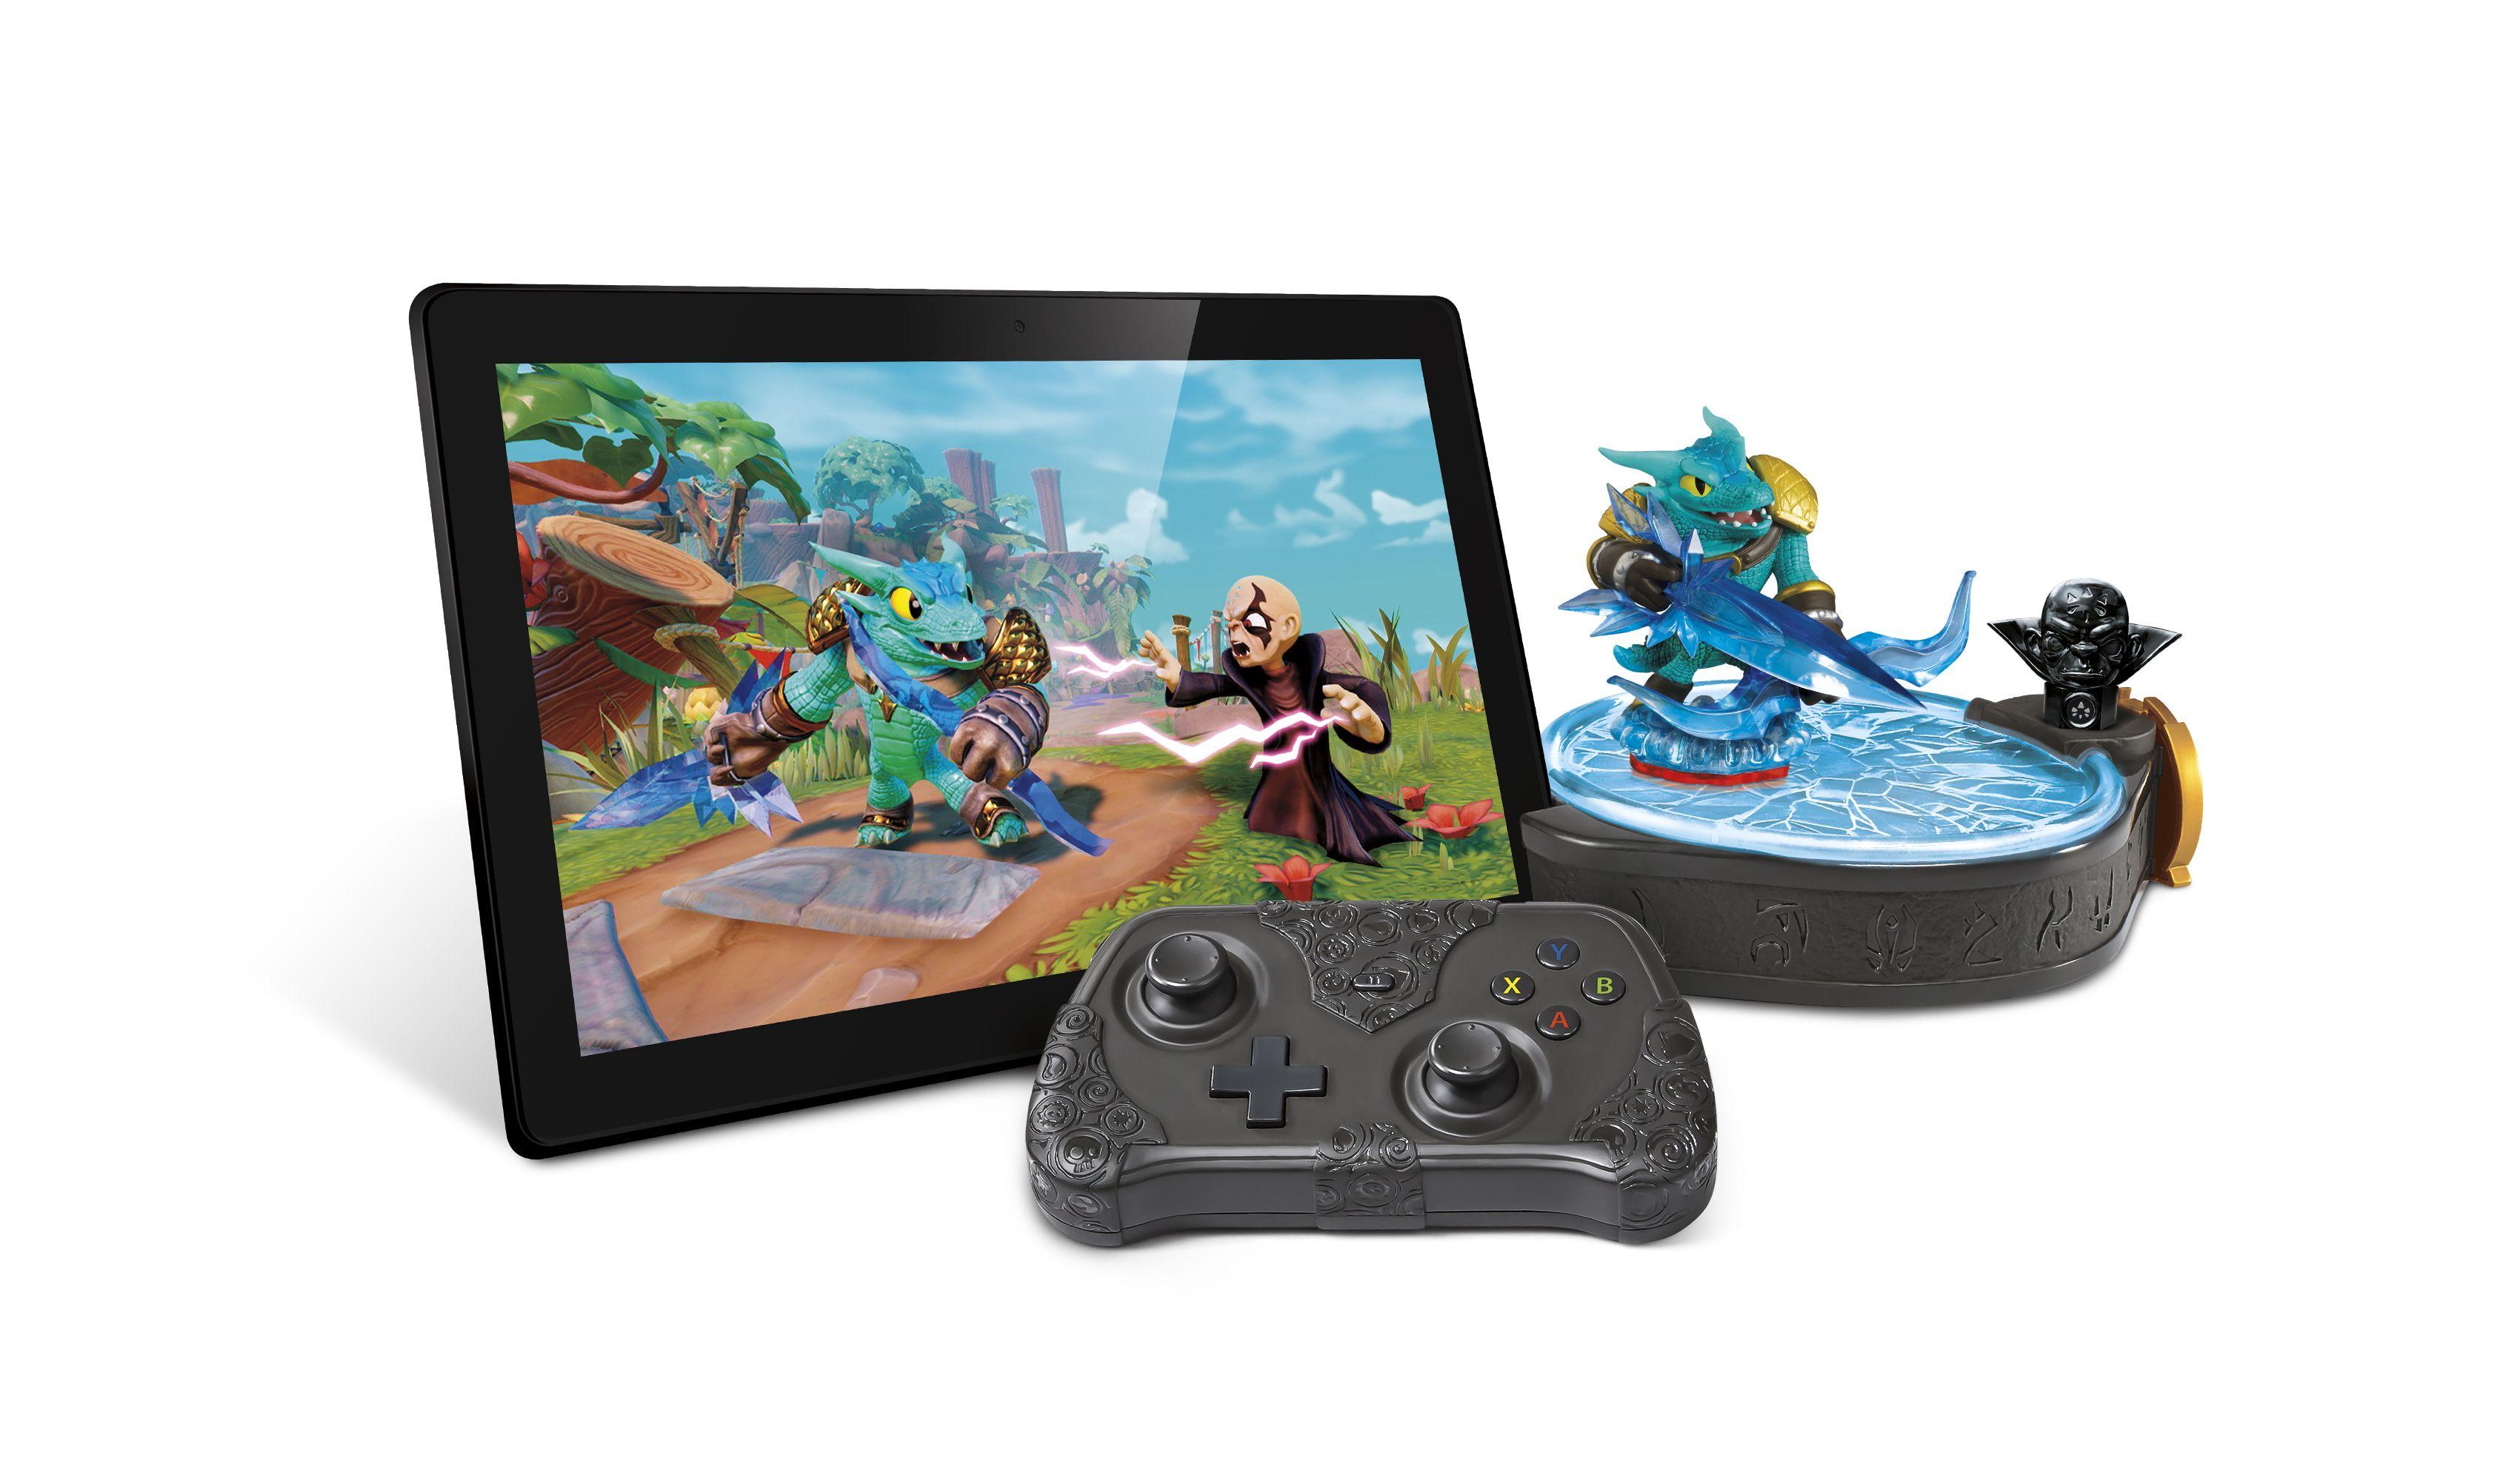 Full Skylanders game coming to tablets